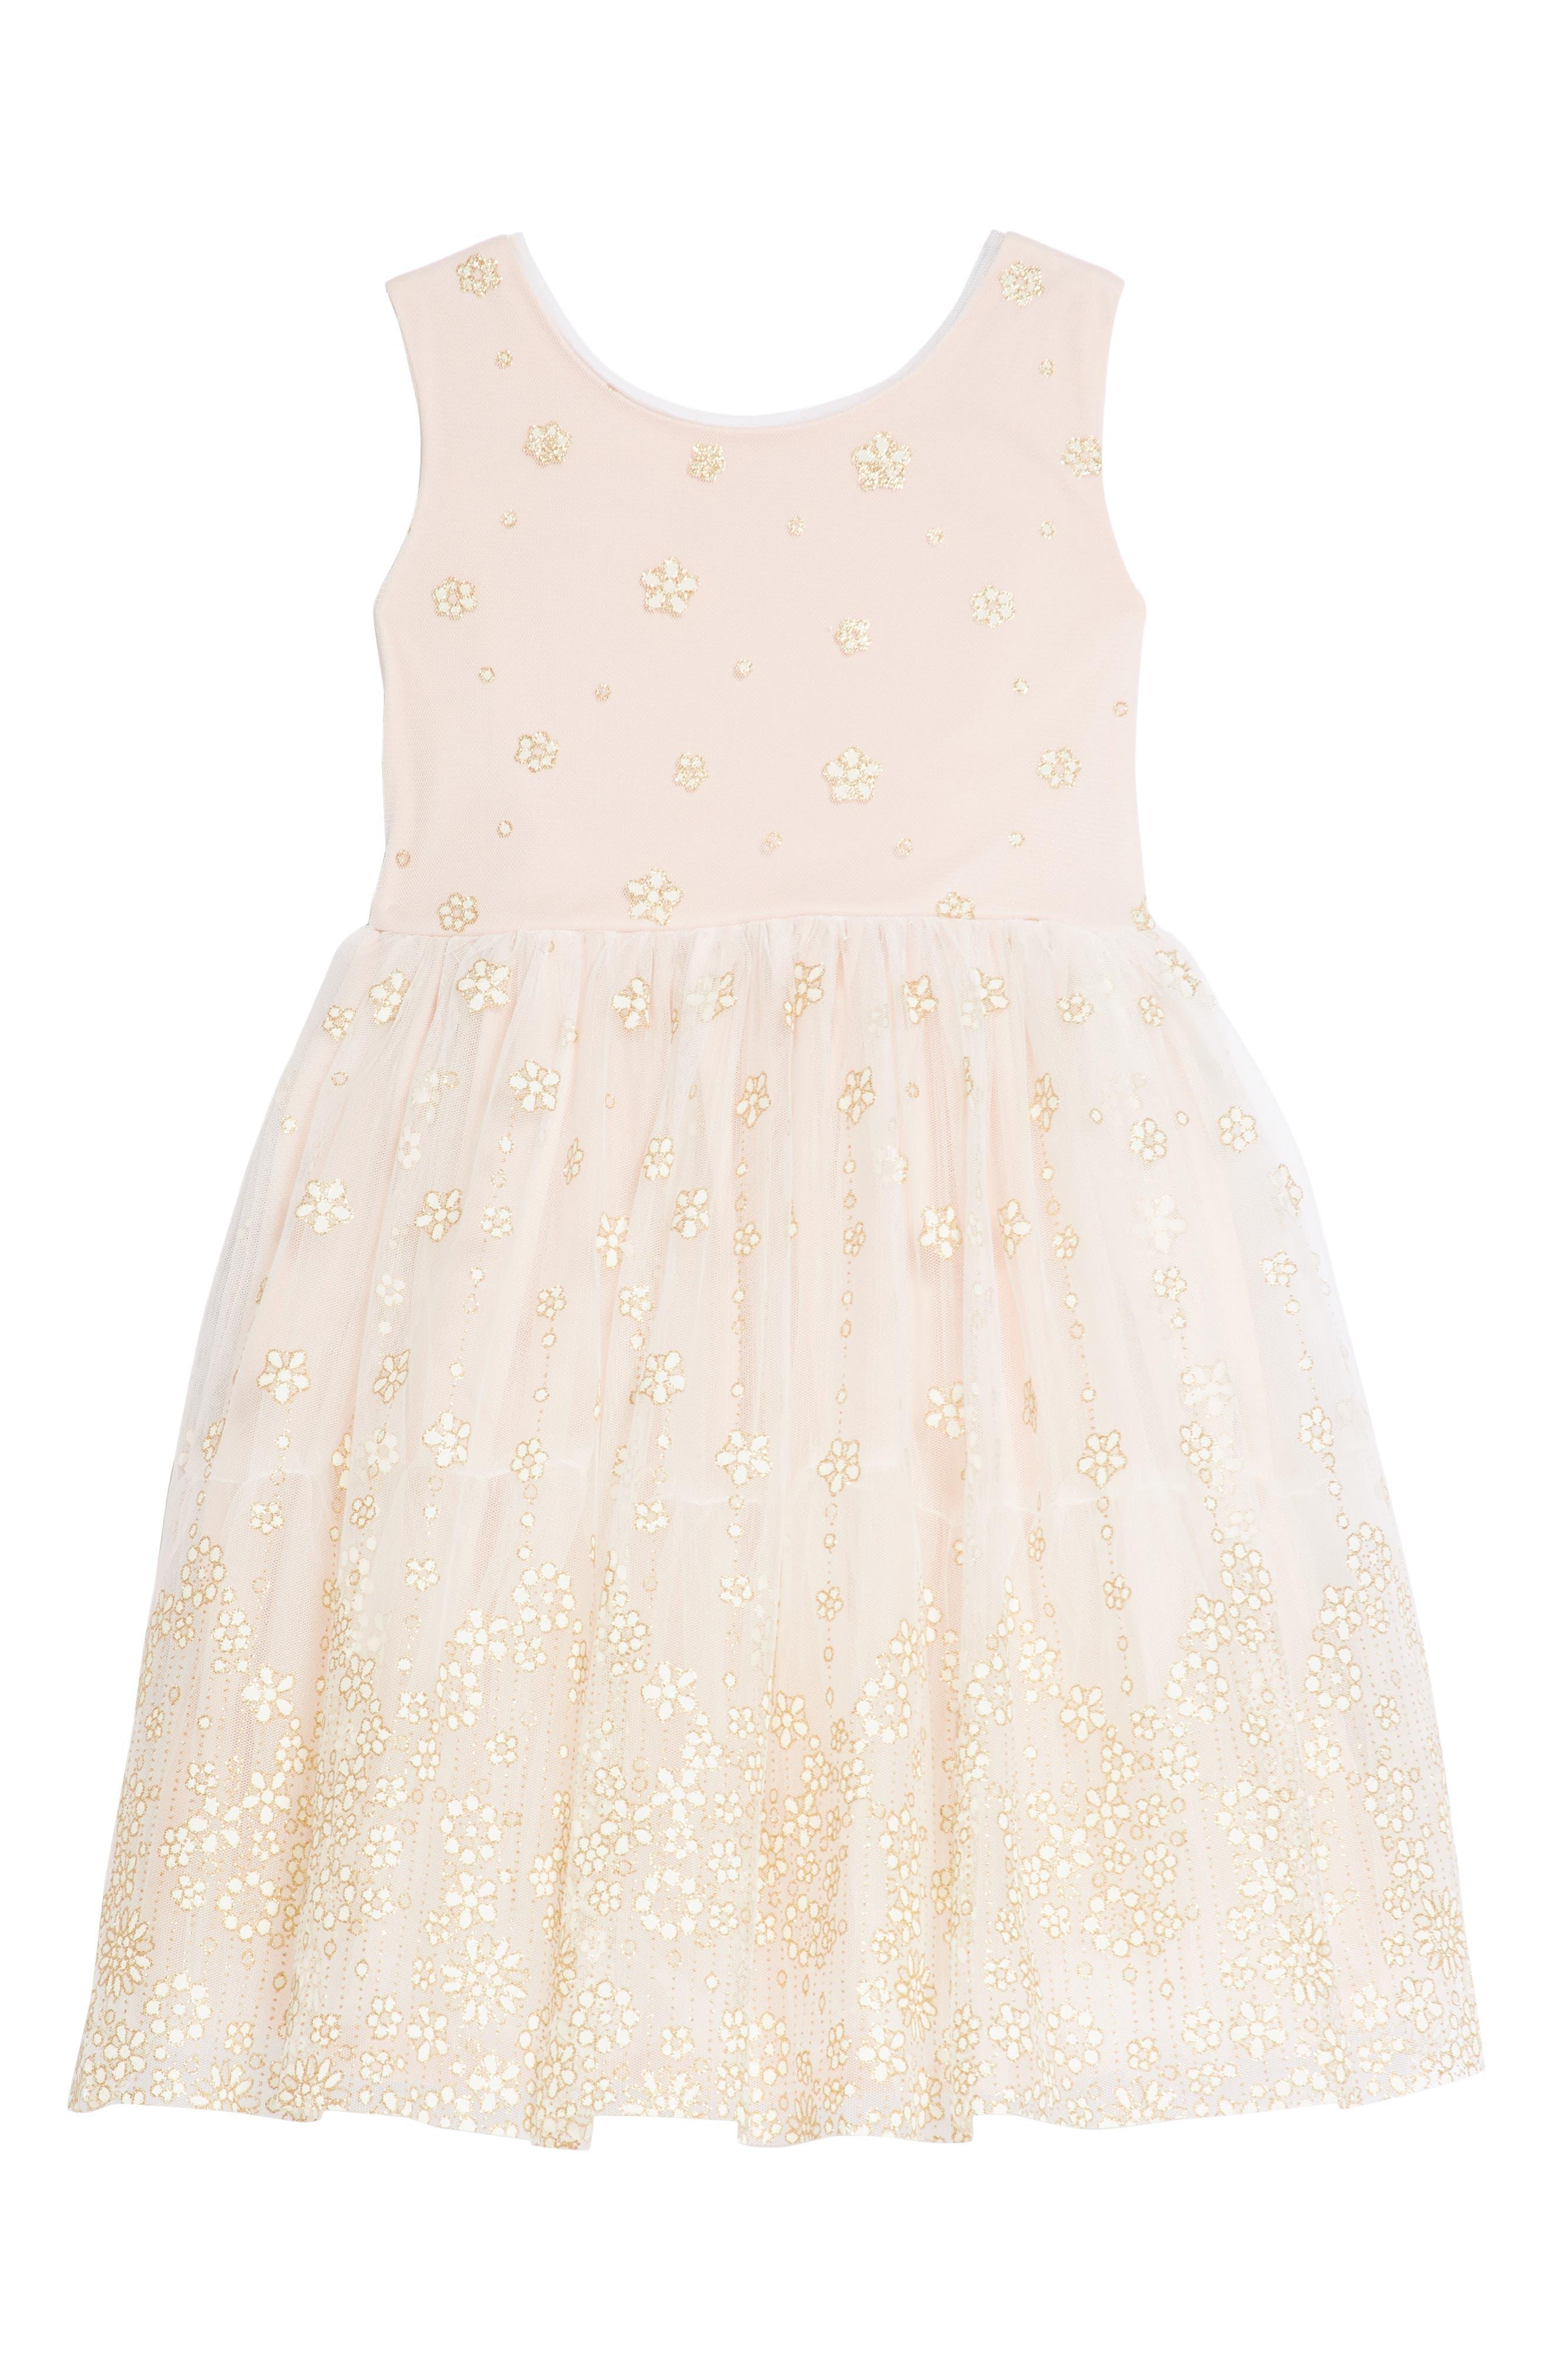 Main Image - Frais Glitter Mesh Tulle Dress (Toddler Girls, Little Girls & Big Girls)